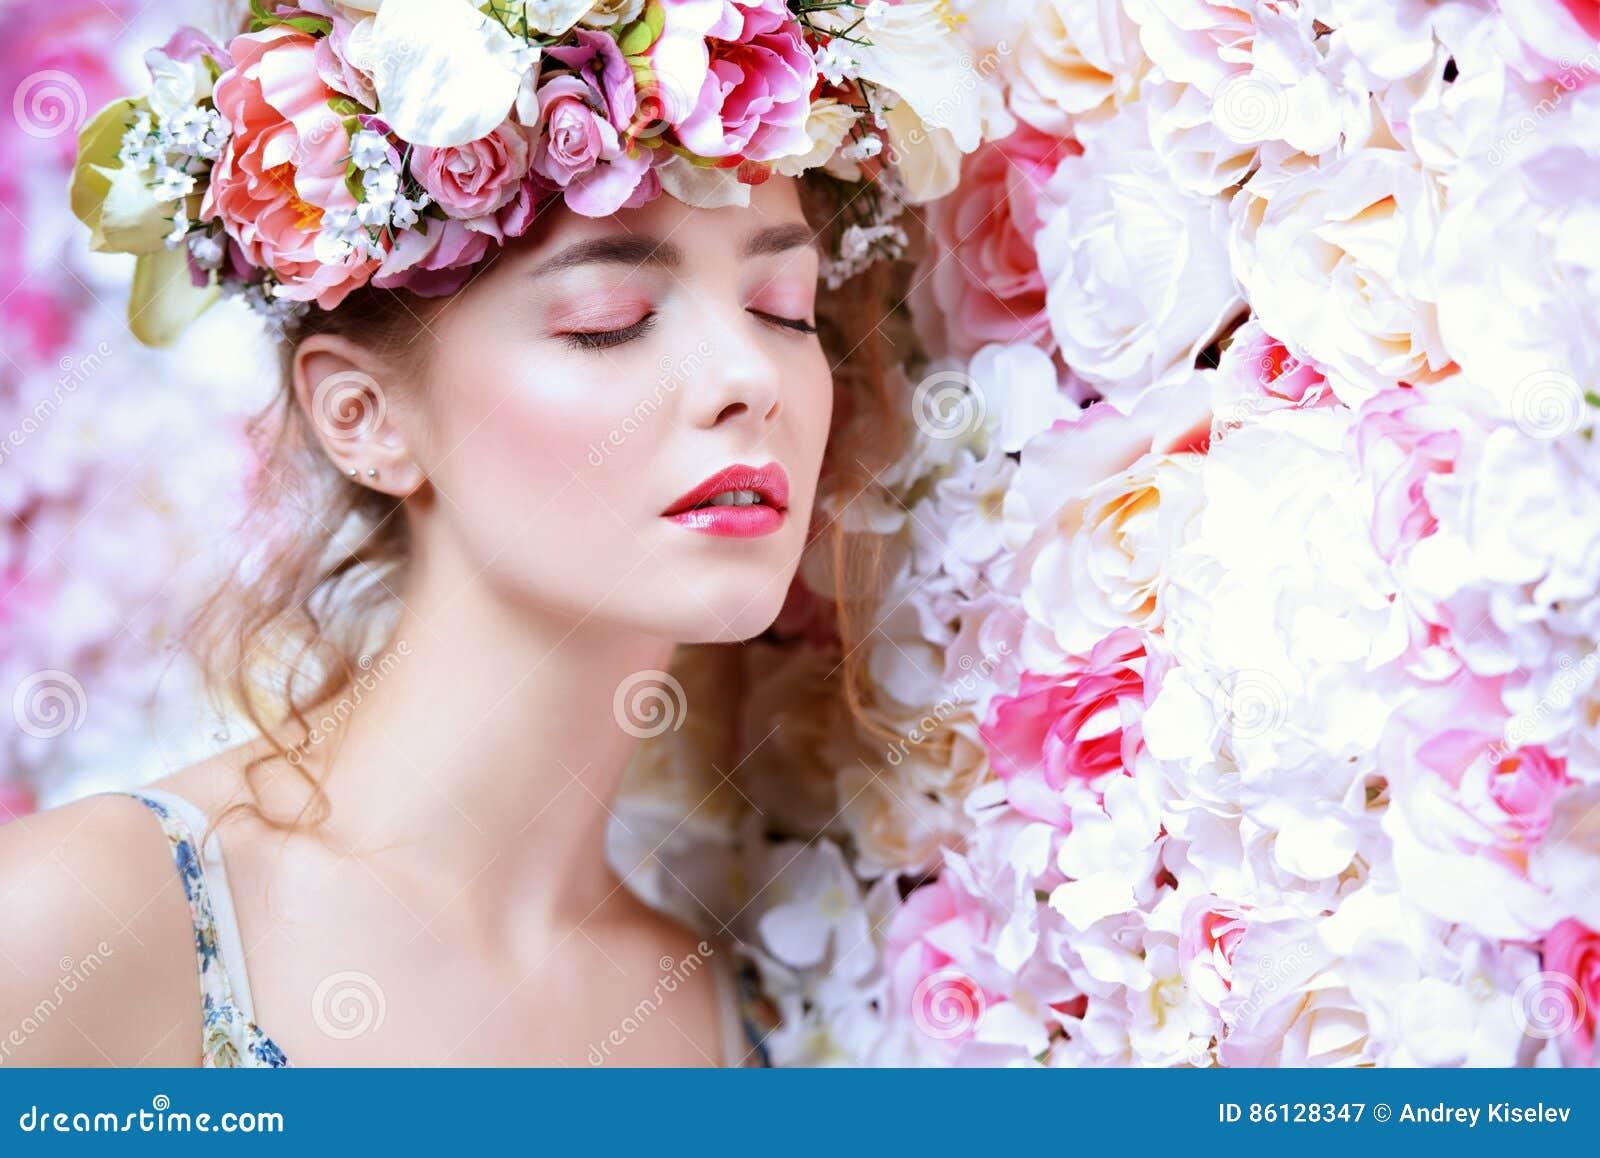 Dulzura de flores